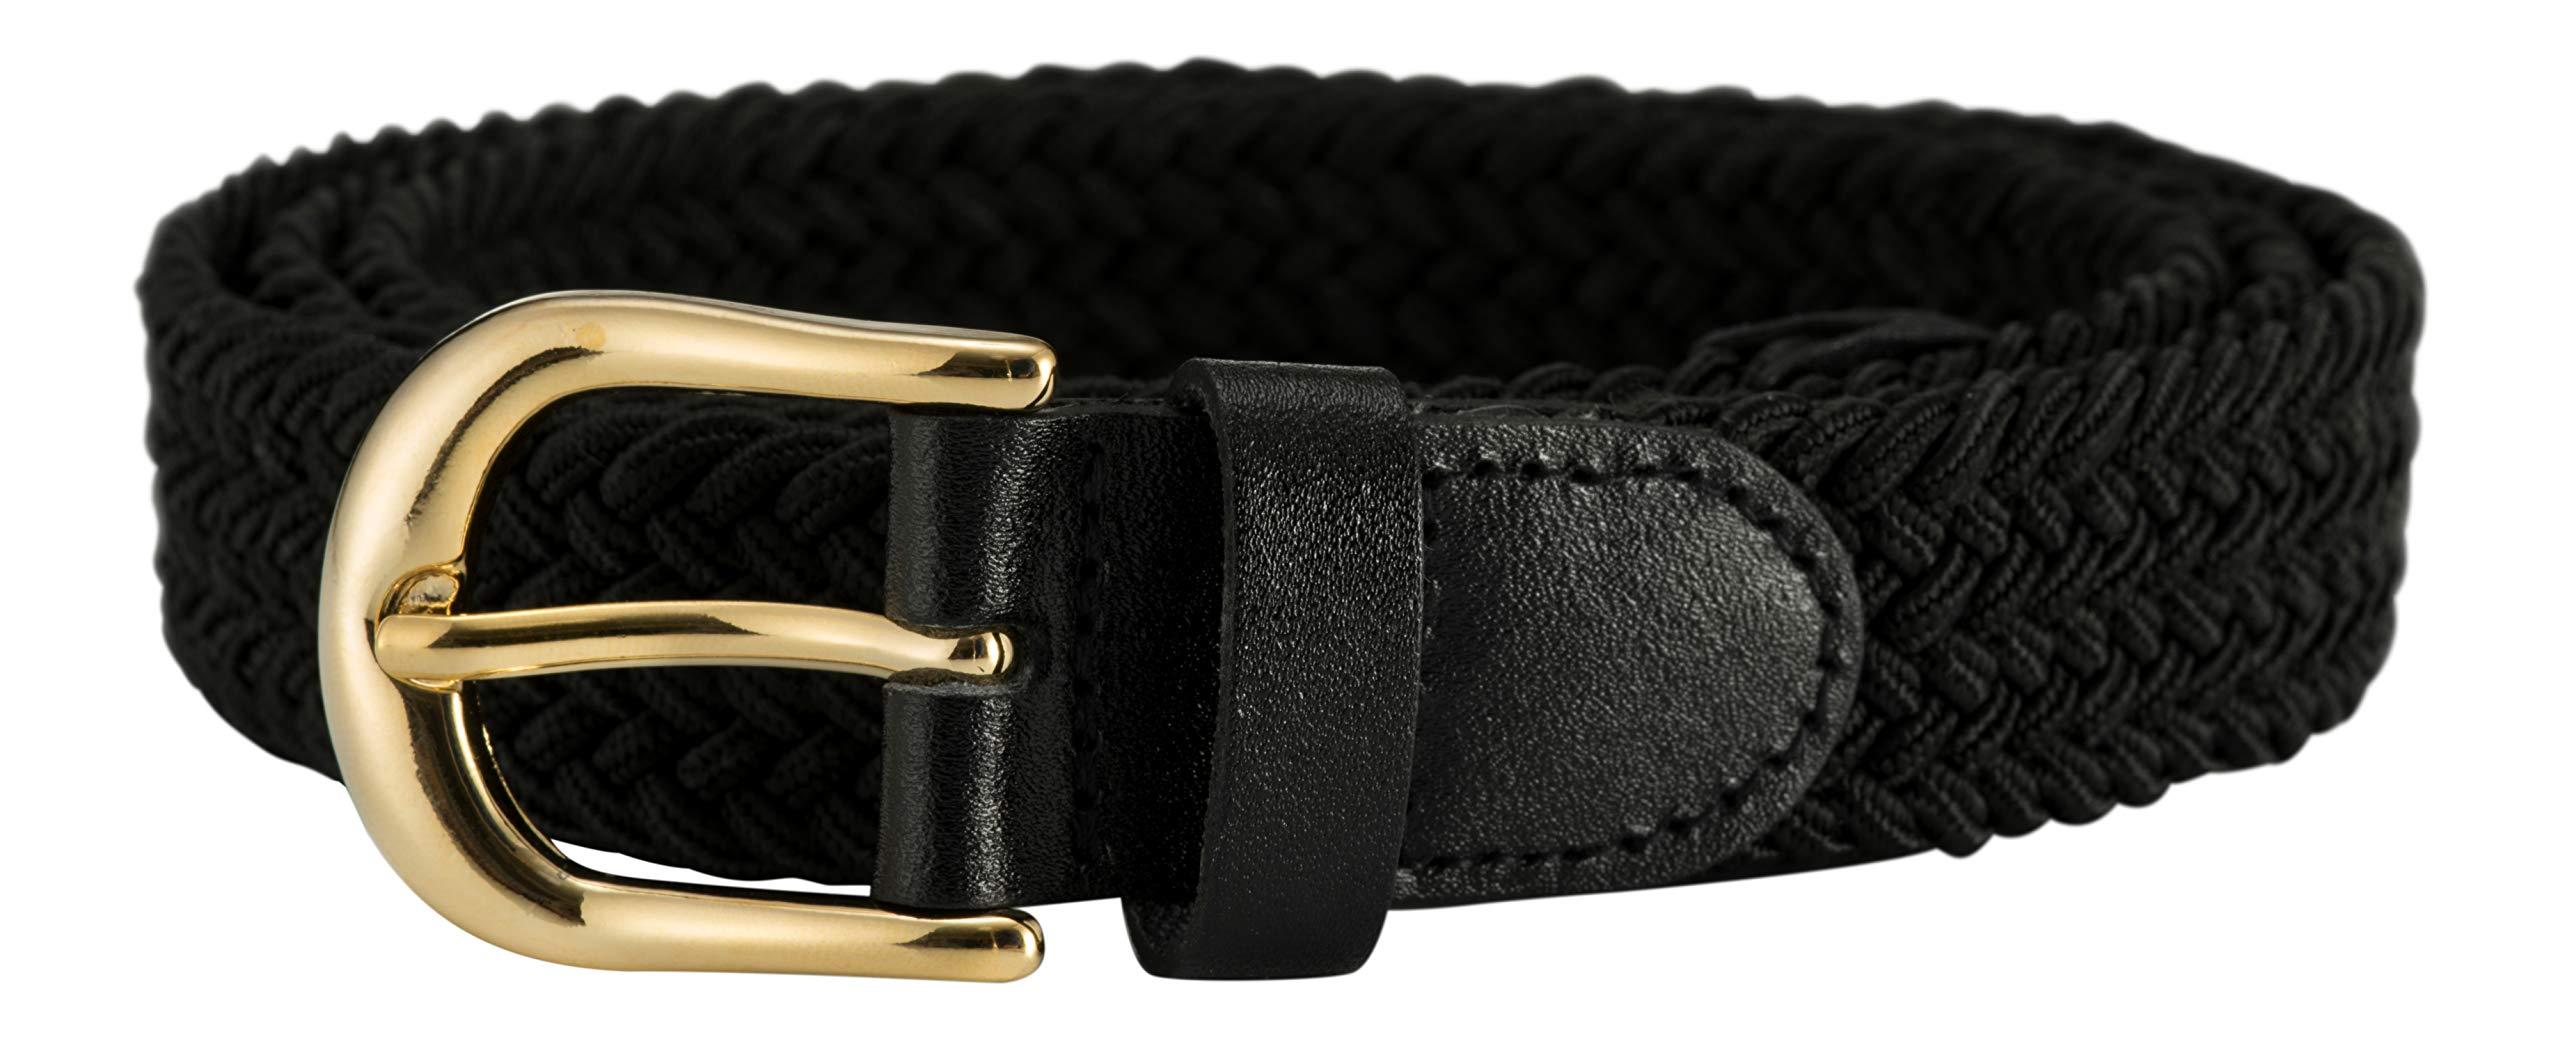 Streeze ceinture élastique pour femmes. 5 tailles. Extensible et tressée.  25 mm de largeur avec boucle en or de tailles XS-XL bb6232deb35